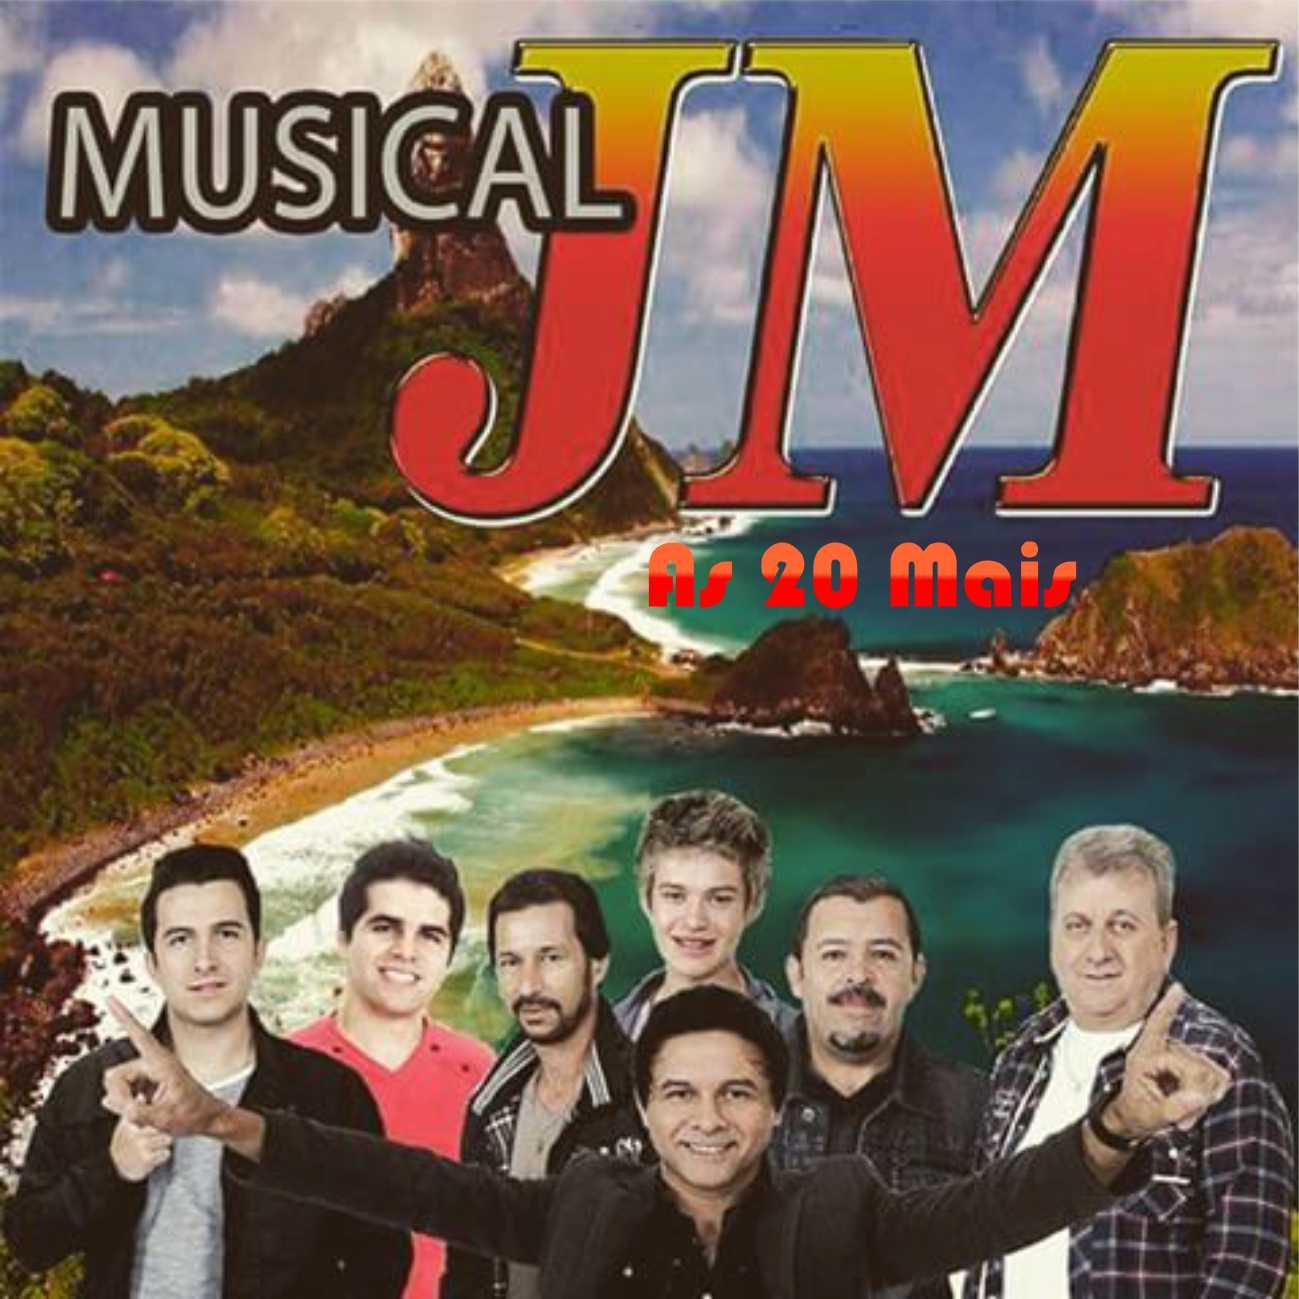 musica primeiro baile musical jm